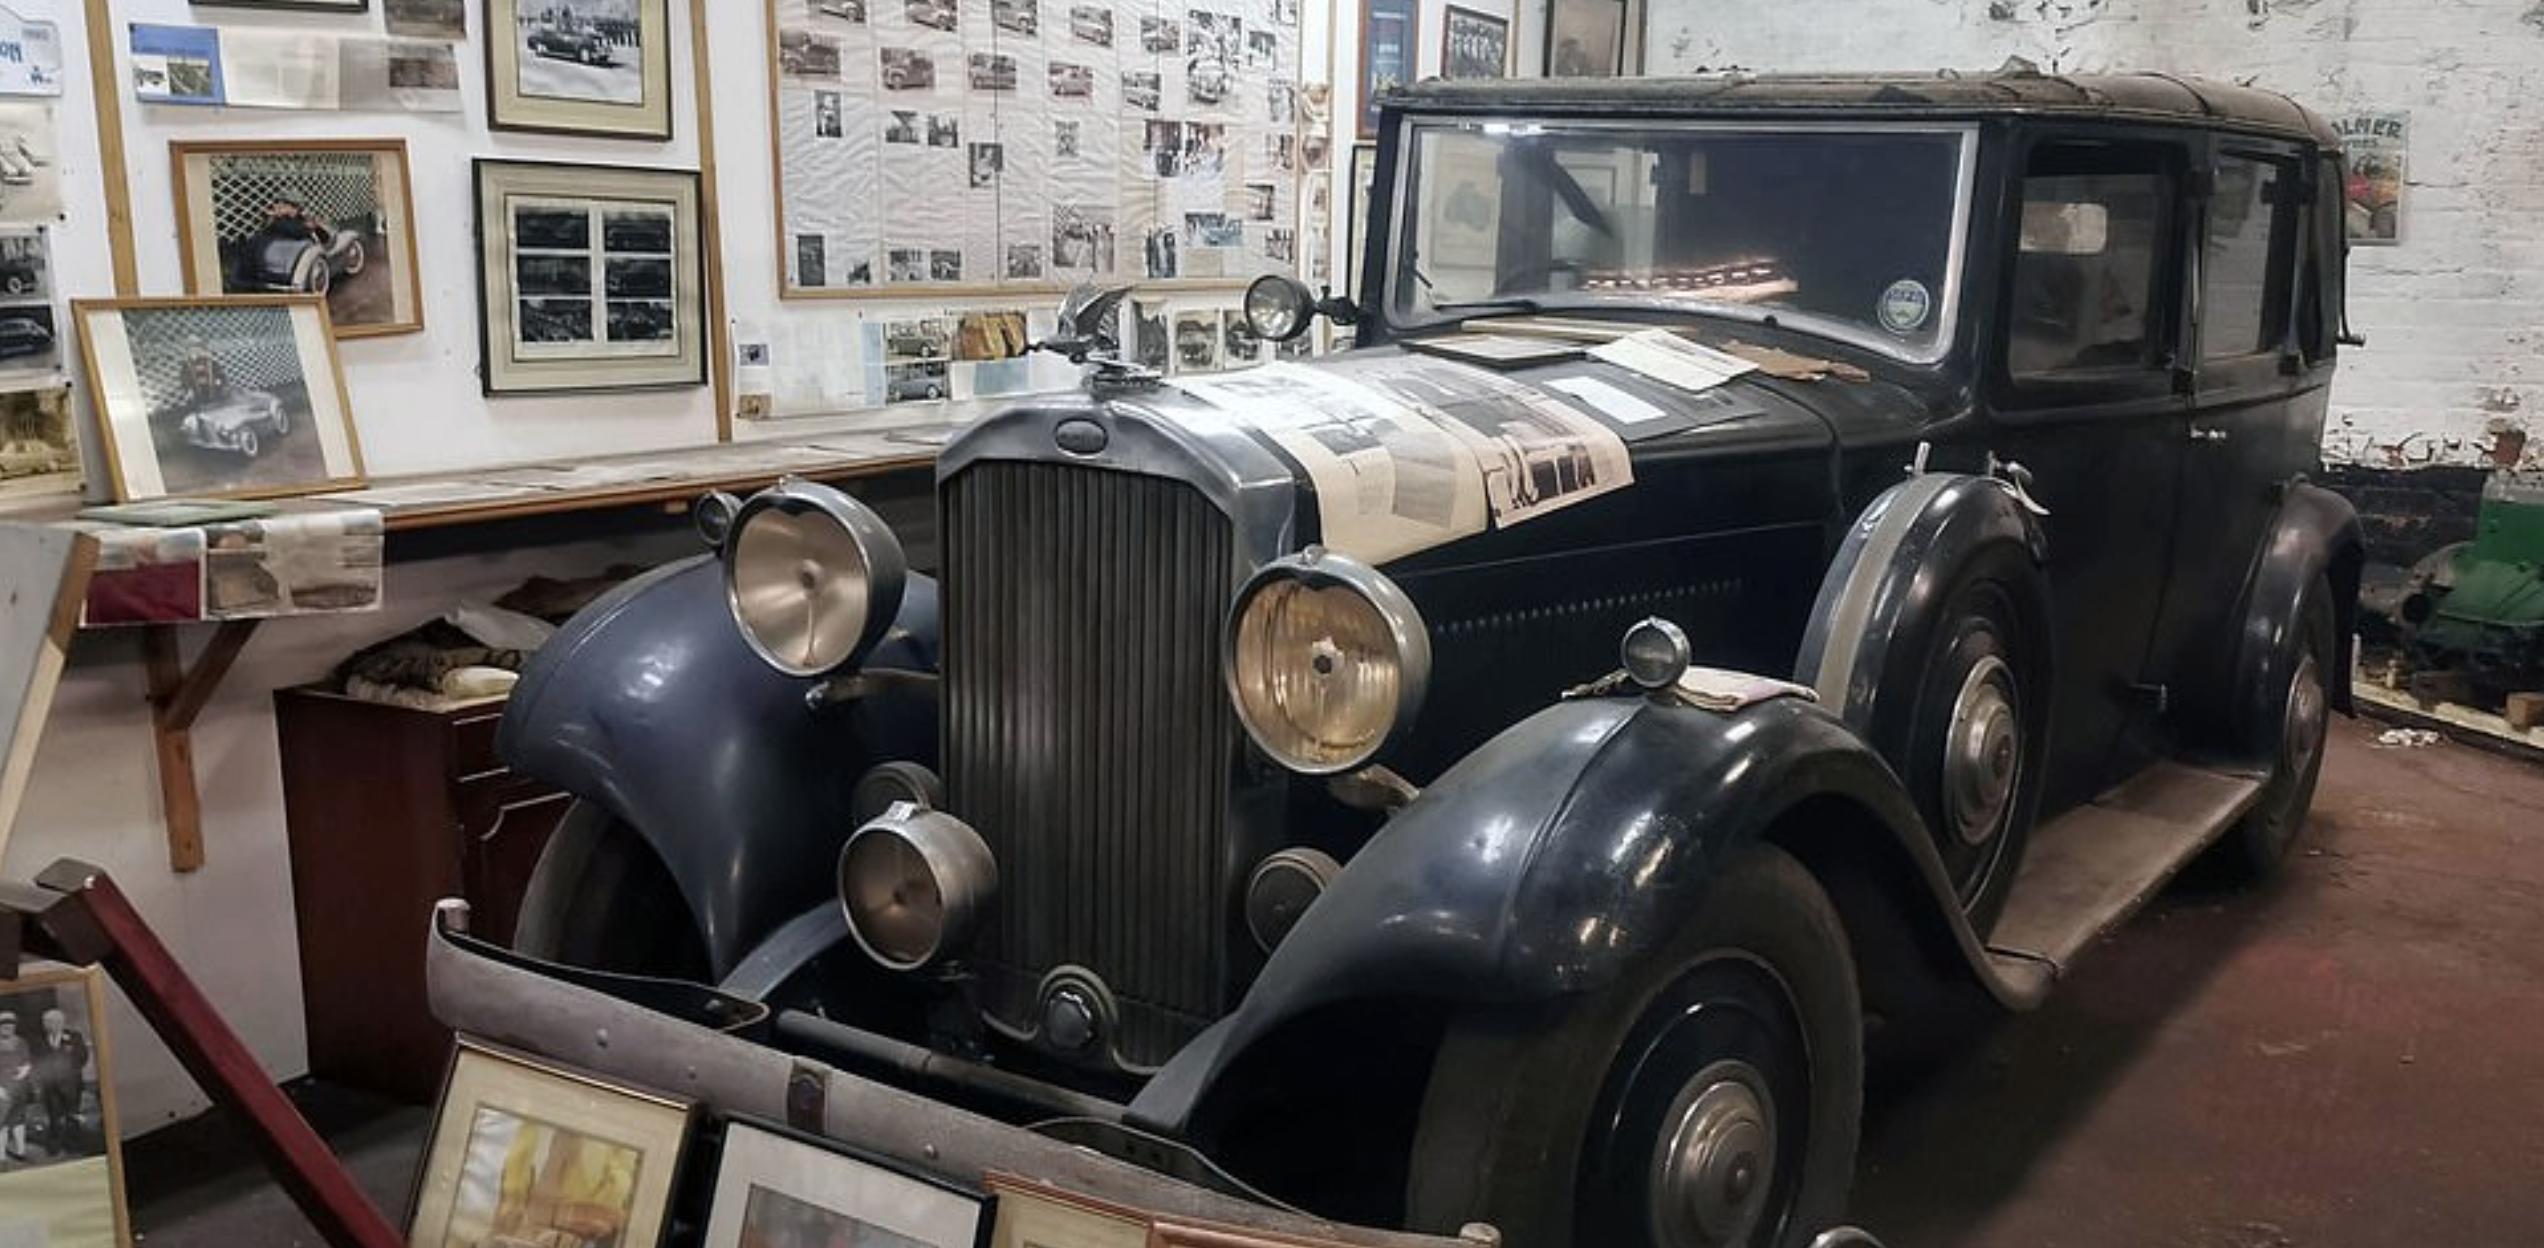 Coleccionista venderá sus autos clásicos, ¡que pertenecían a la realeza!